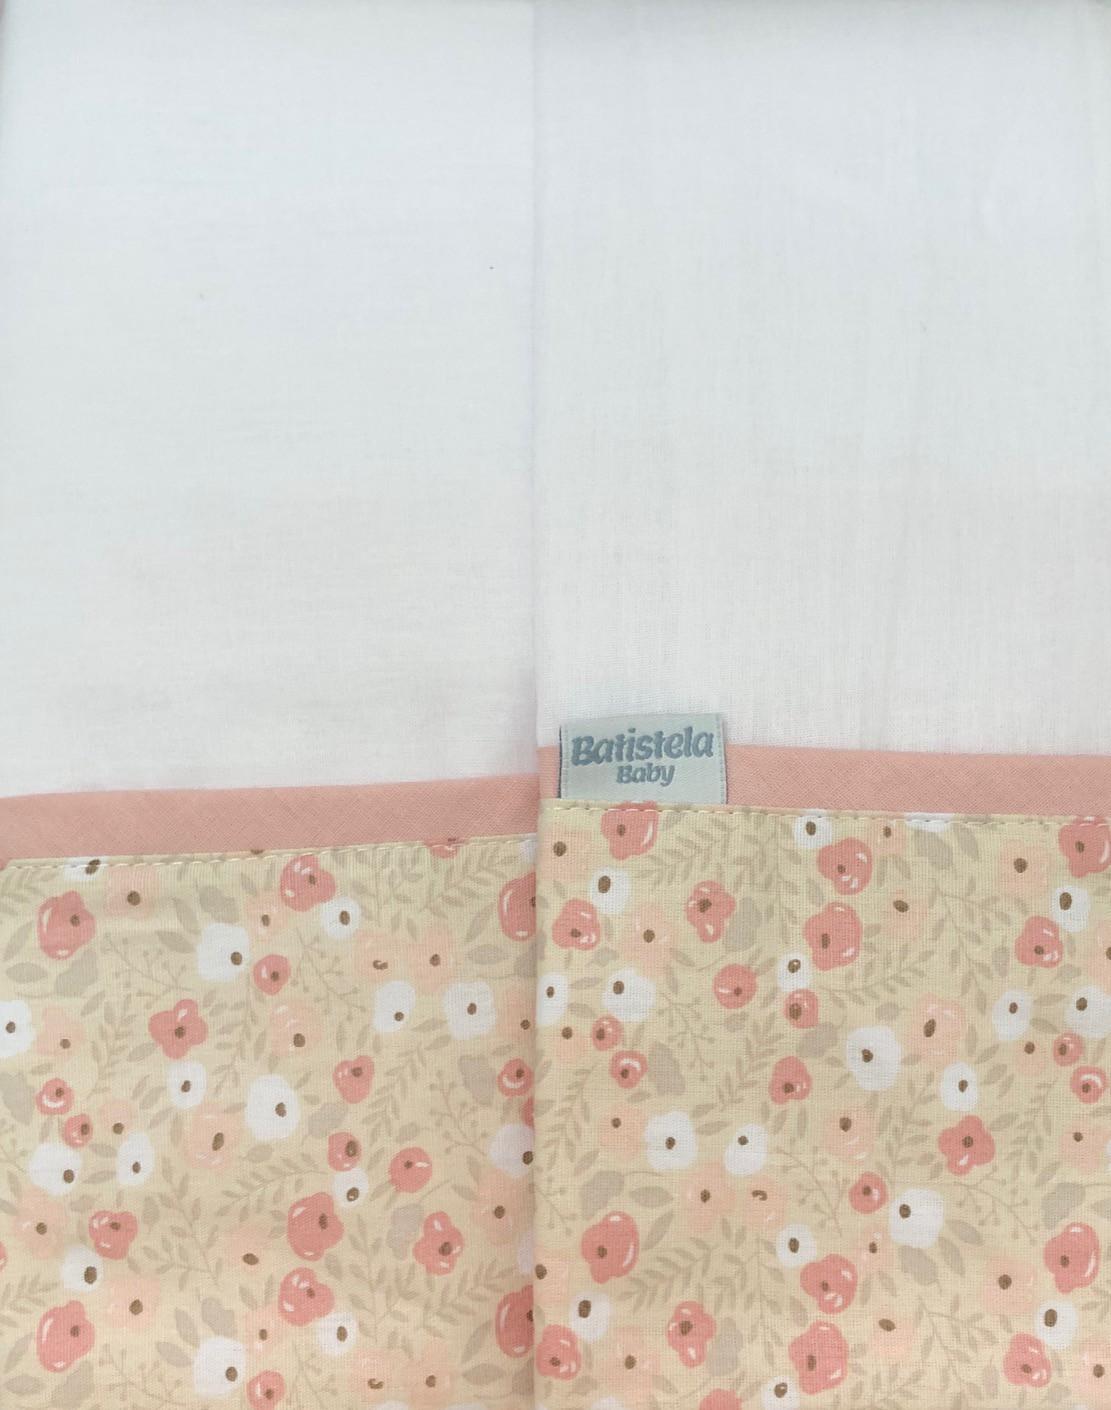 Jogo de Lençol Estampado 3 Peças - Floral Batistela Baby